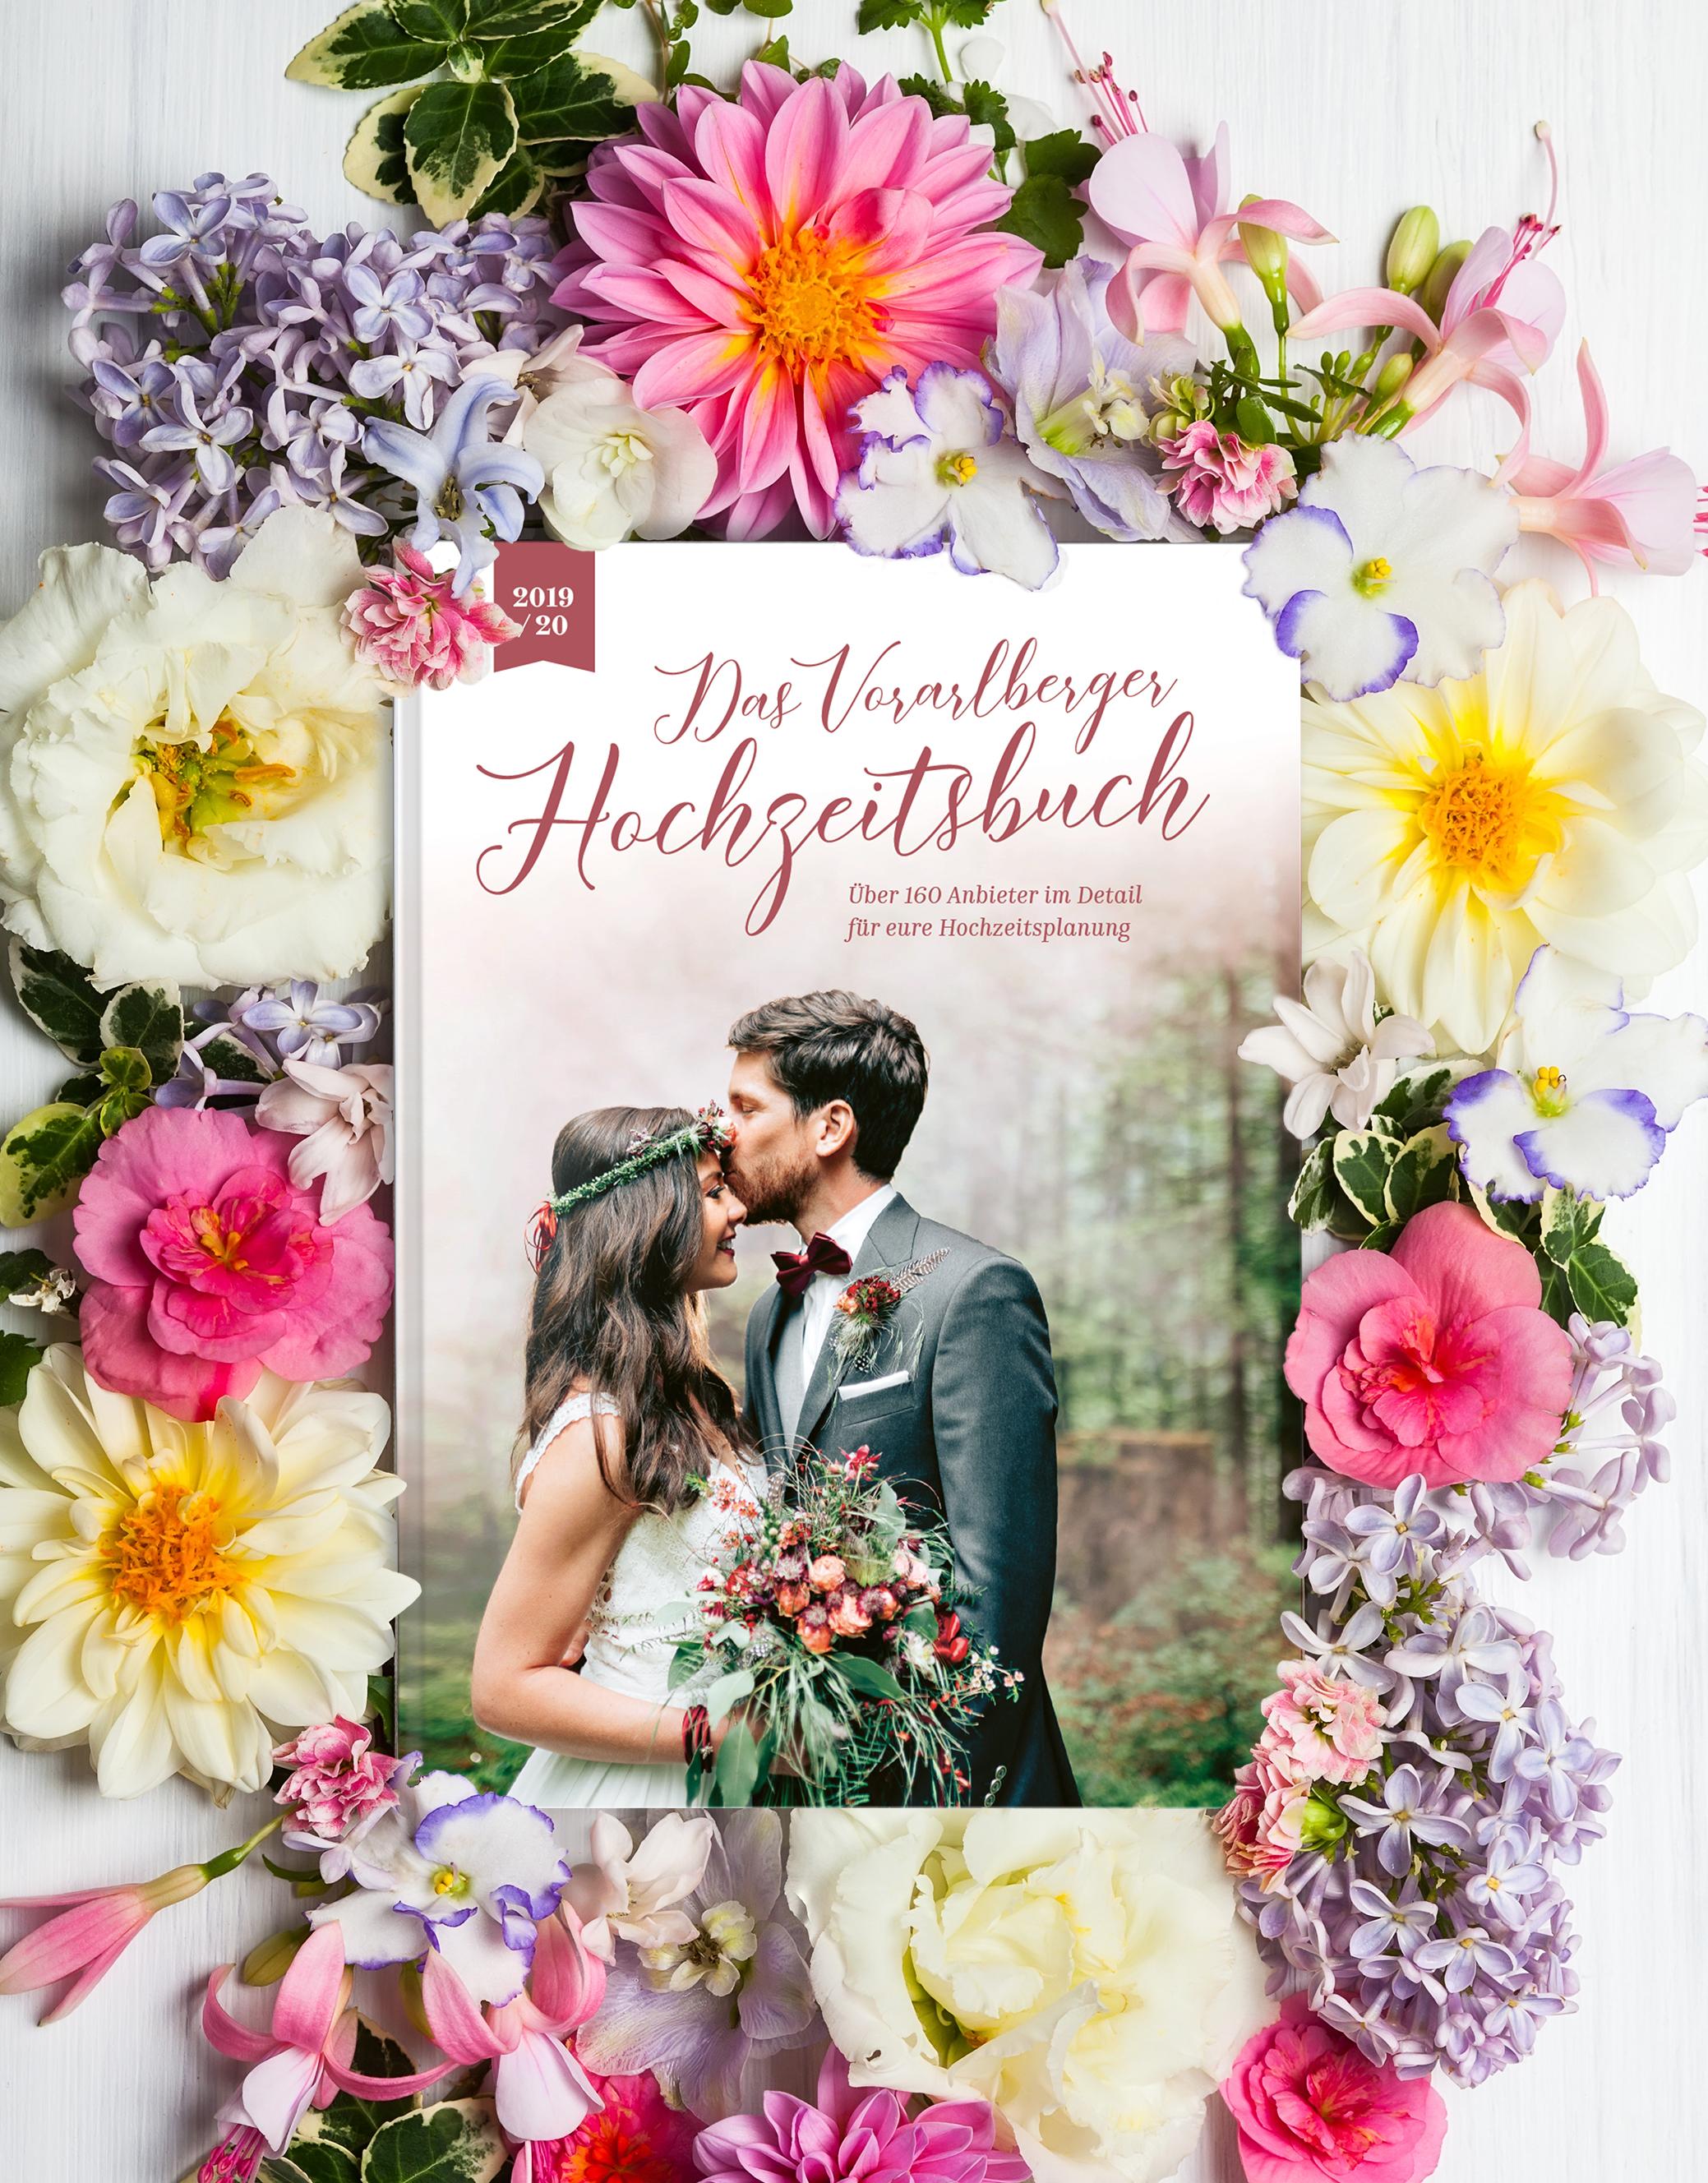 Das Vorarlberger Hochzeitsbuch